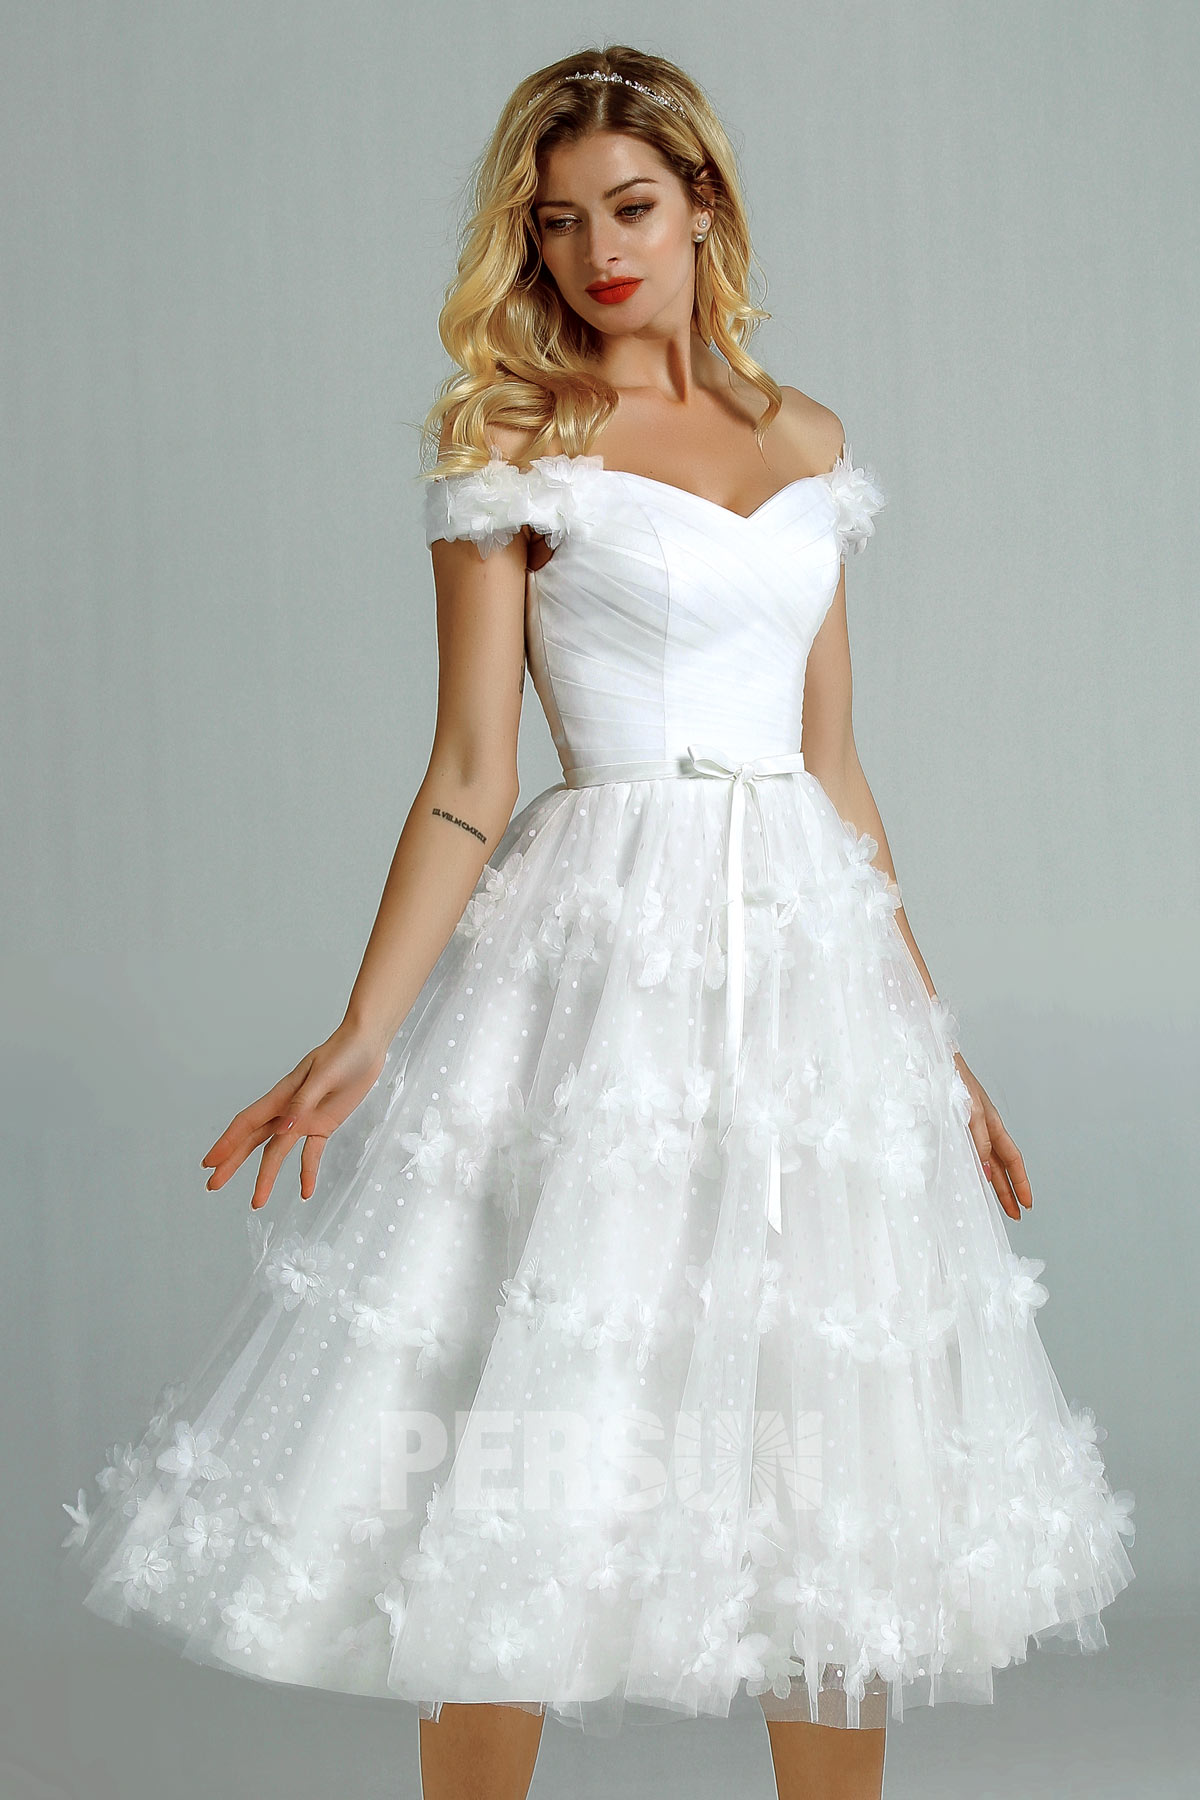 robe de mariée mi-longue épaule dénudée plumetis ornée de fleurs